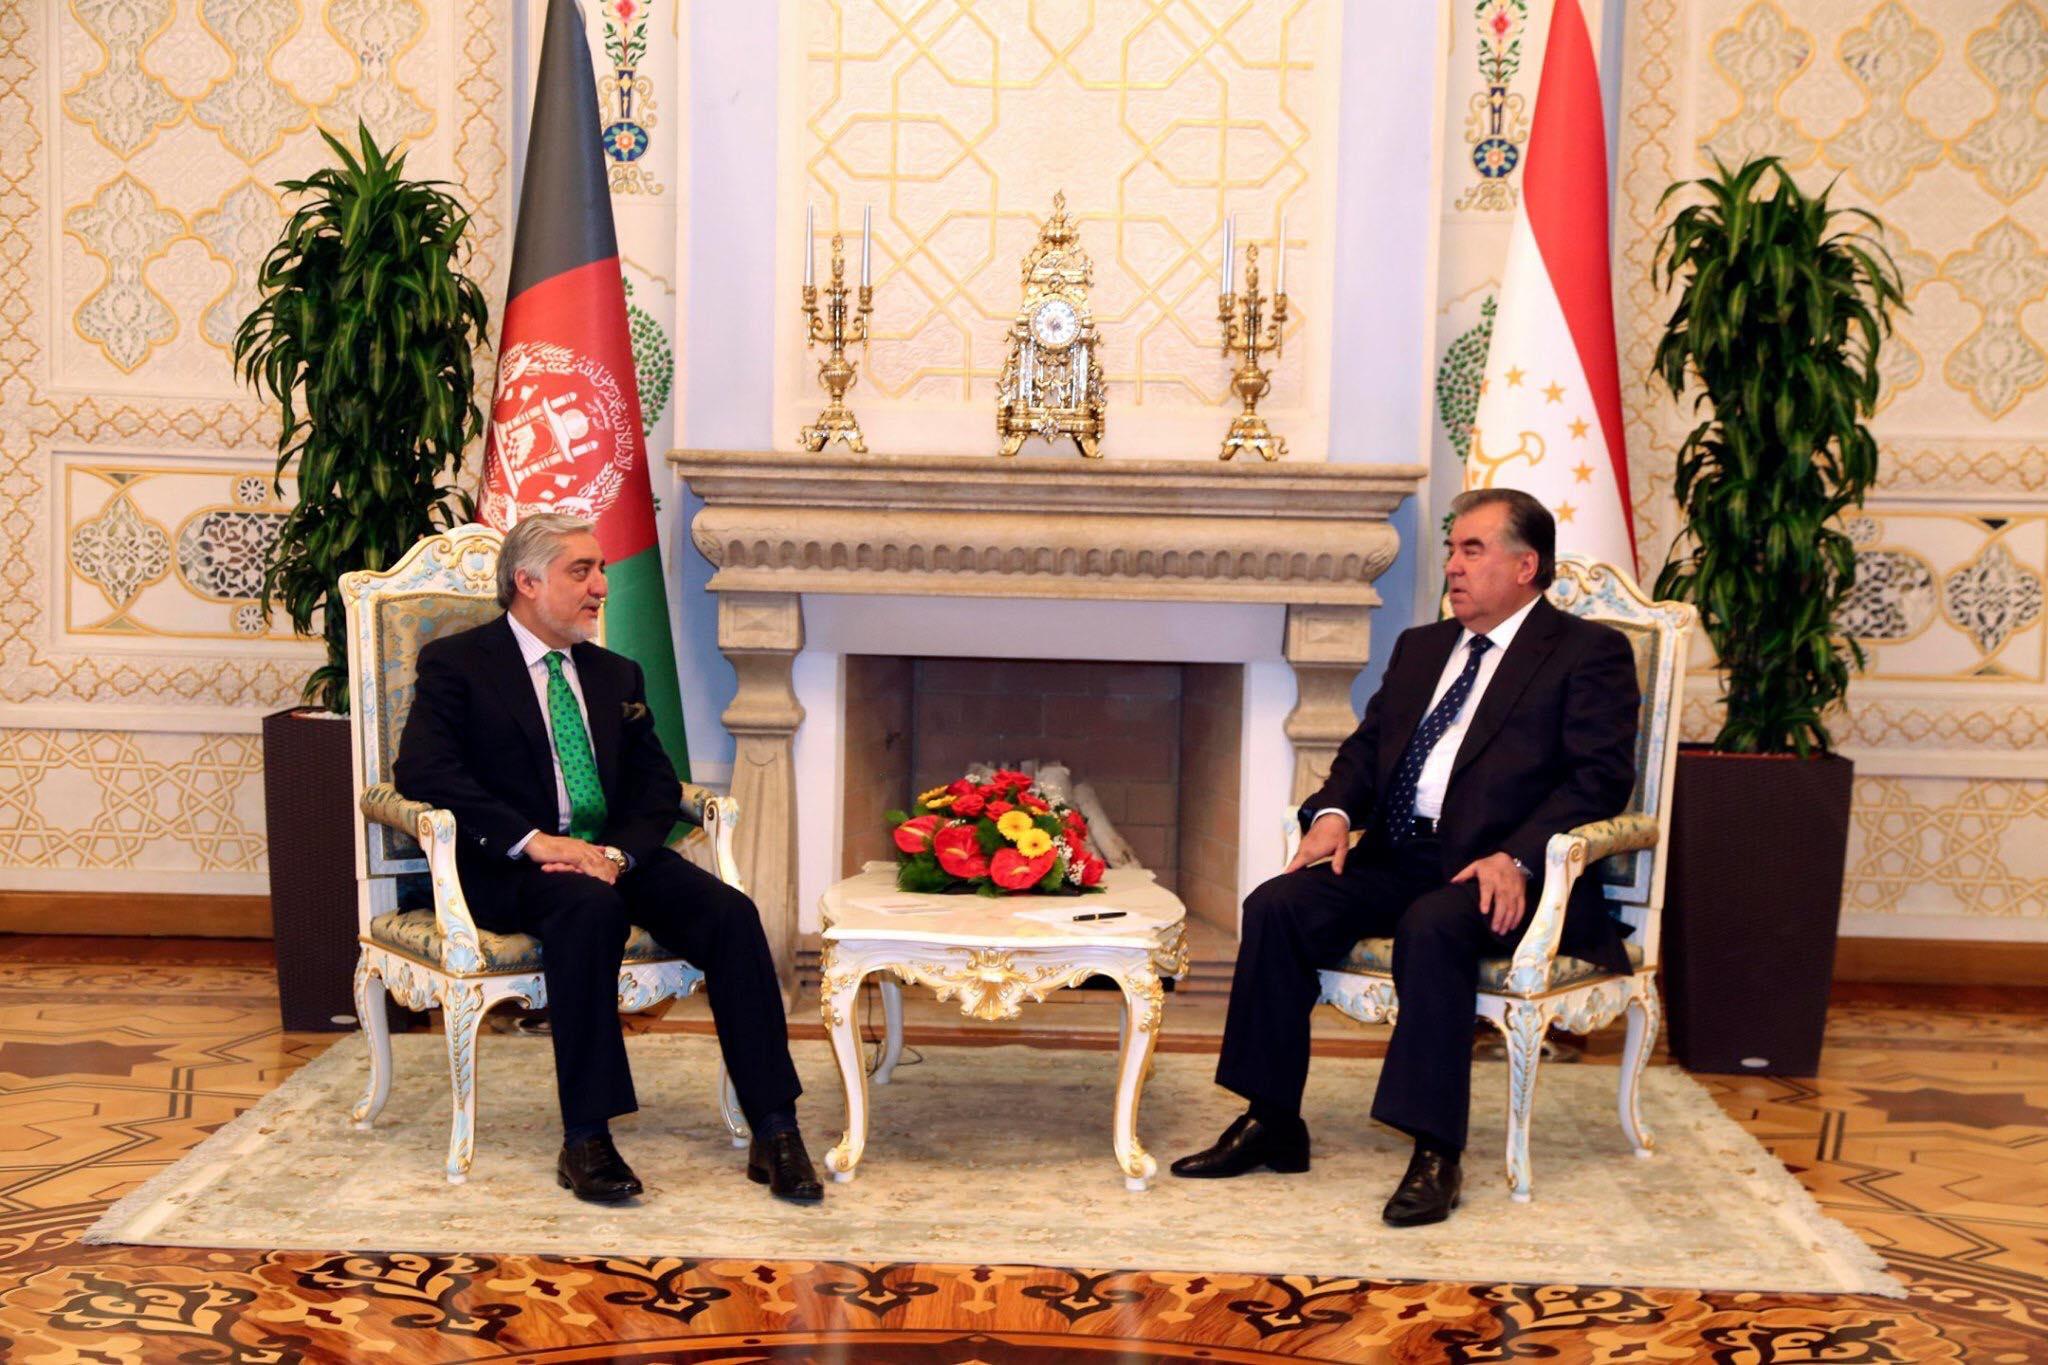 ديدار با جلالتمآب امام علی رحمان، رئیس جمهور تاجیکستان